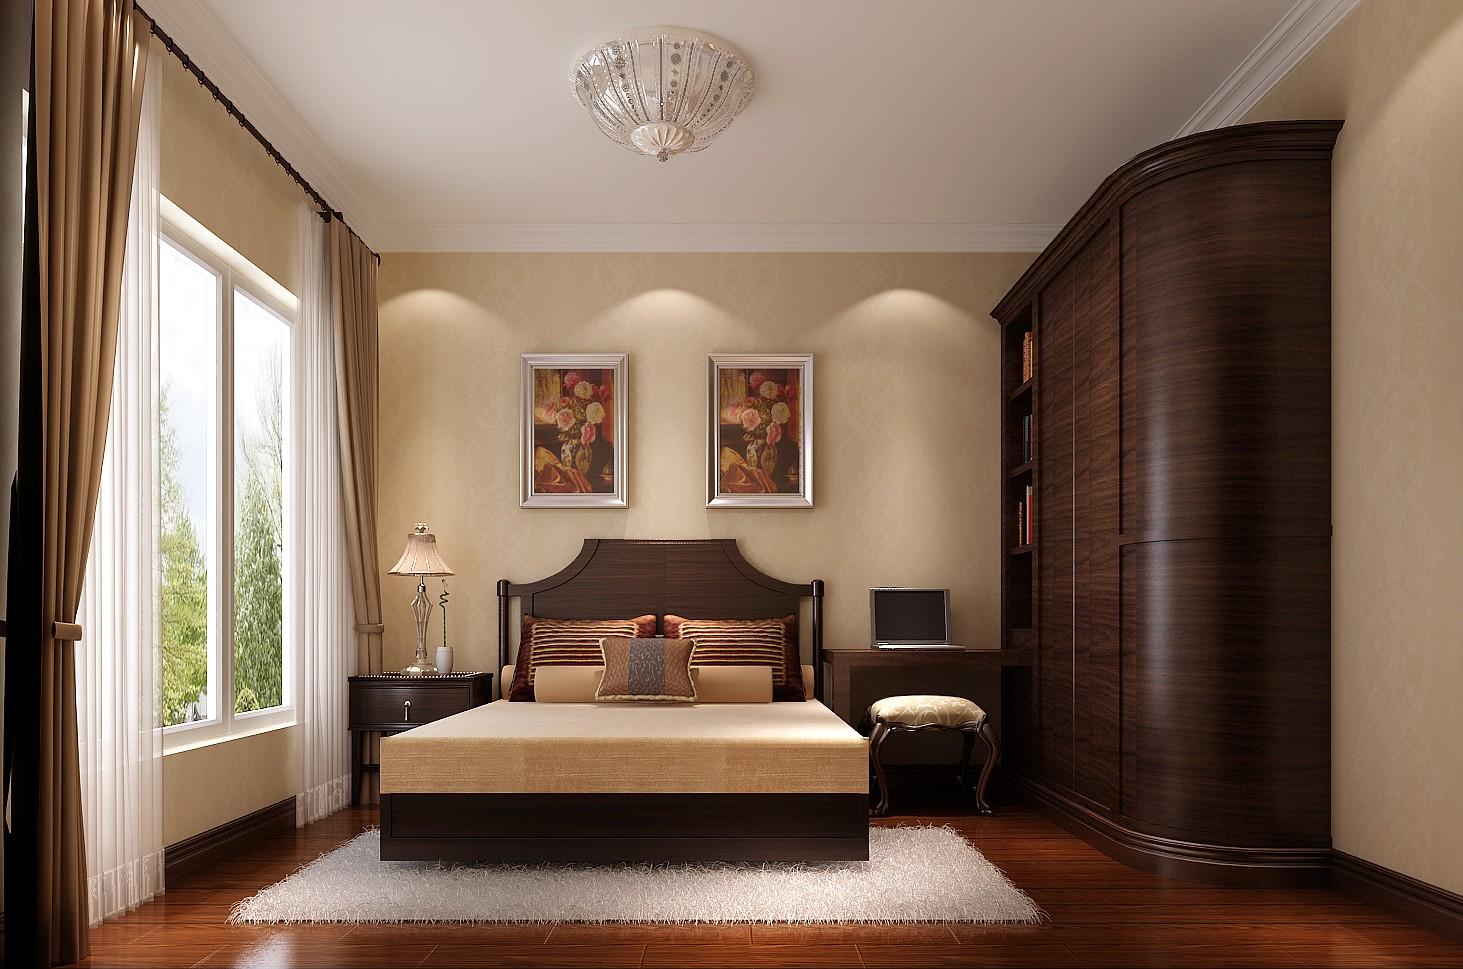 休闲 大气 美式家具 迥然不同 卧室图片来自高度国际装饰刘玉在素雅整洁的休闲家居的分享